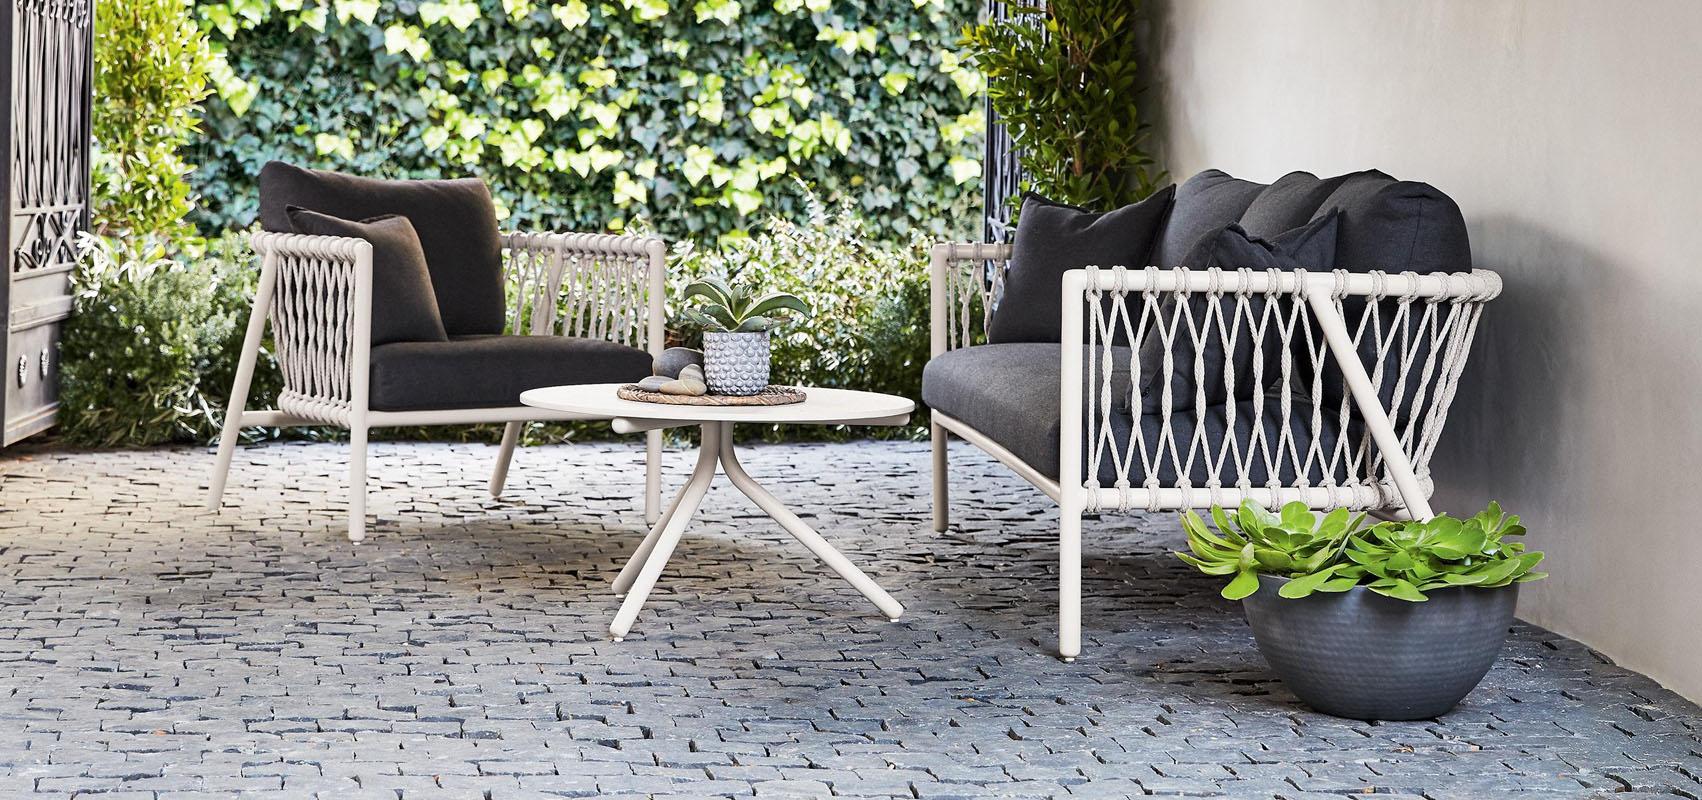 brown jordan outdoor furniture villa